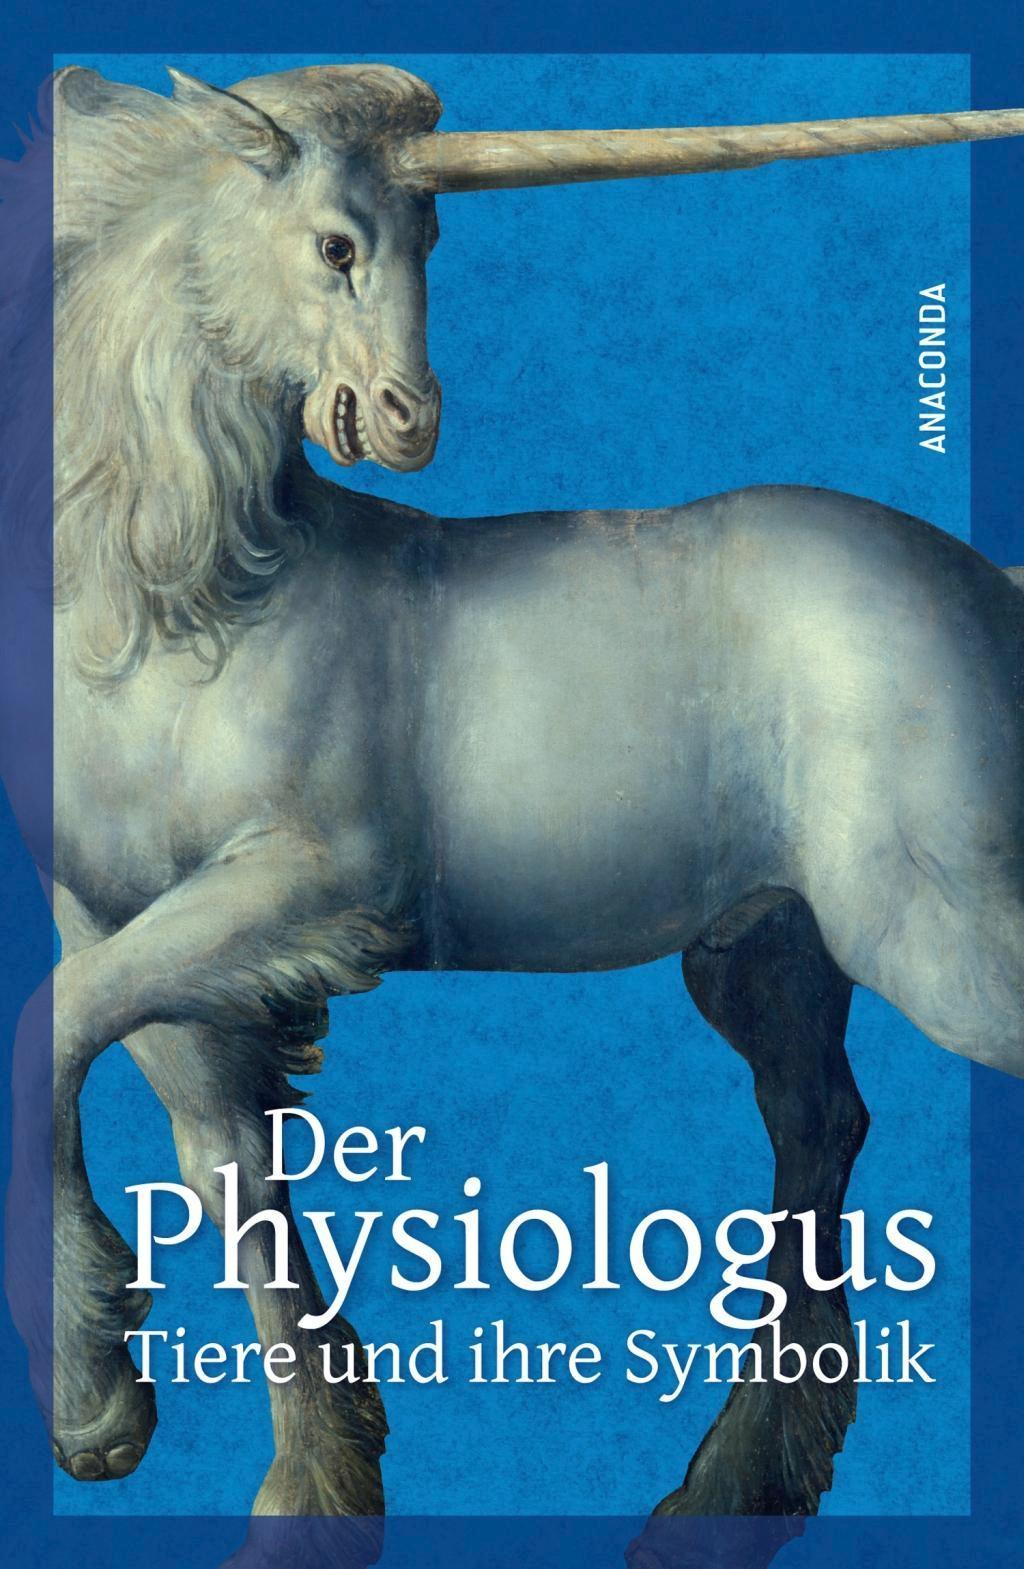 Der Physiologus Tiere und ihre Symbolik 1